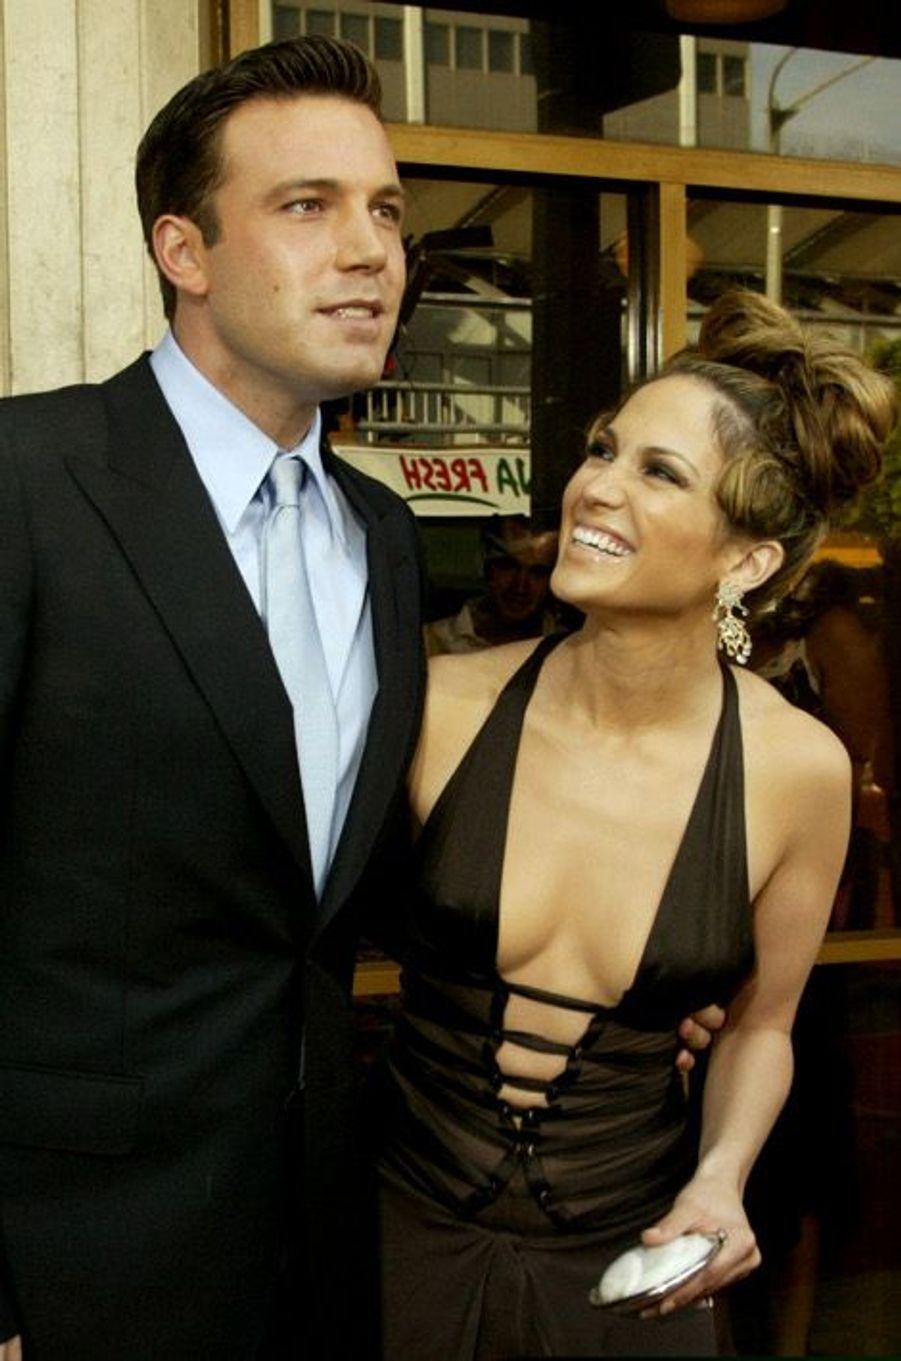 """Trop passionnée, trop tumultueuse, l'histoire d'amour entre Jennifer Lopez et Ben Affleck n'a pas fonctionnée. Pourtant, le couple s'était fiancé en 2003. Mais Ben Affleck, enfermé dans l'univers de sa compagne, a préféré mettre fin à leur relation. Une rupture difficile à digérer pour la chanteuse qui a déclaré en 2010, à la télévision américaine """"avoir eu le cœur brisé""""."""